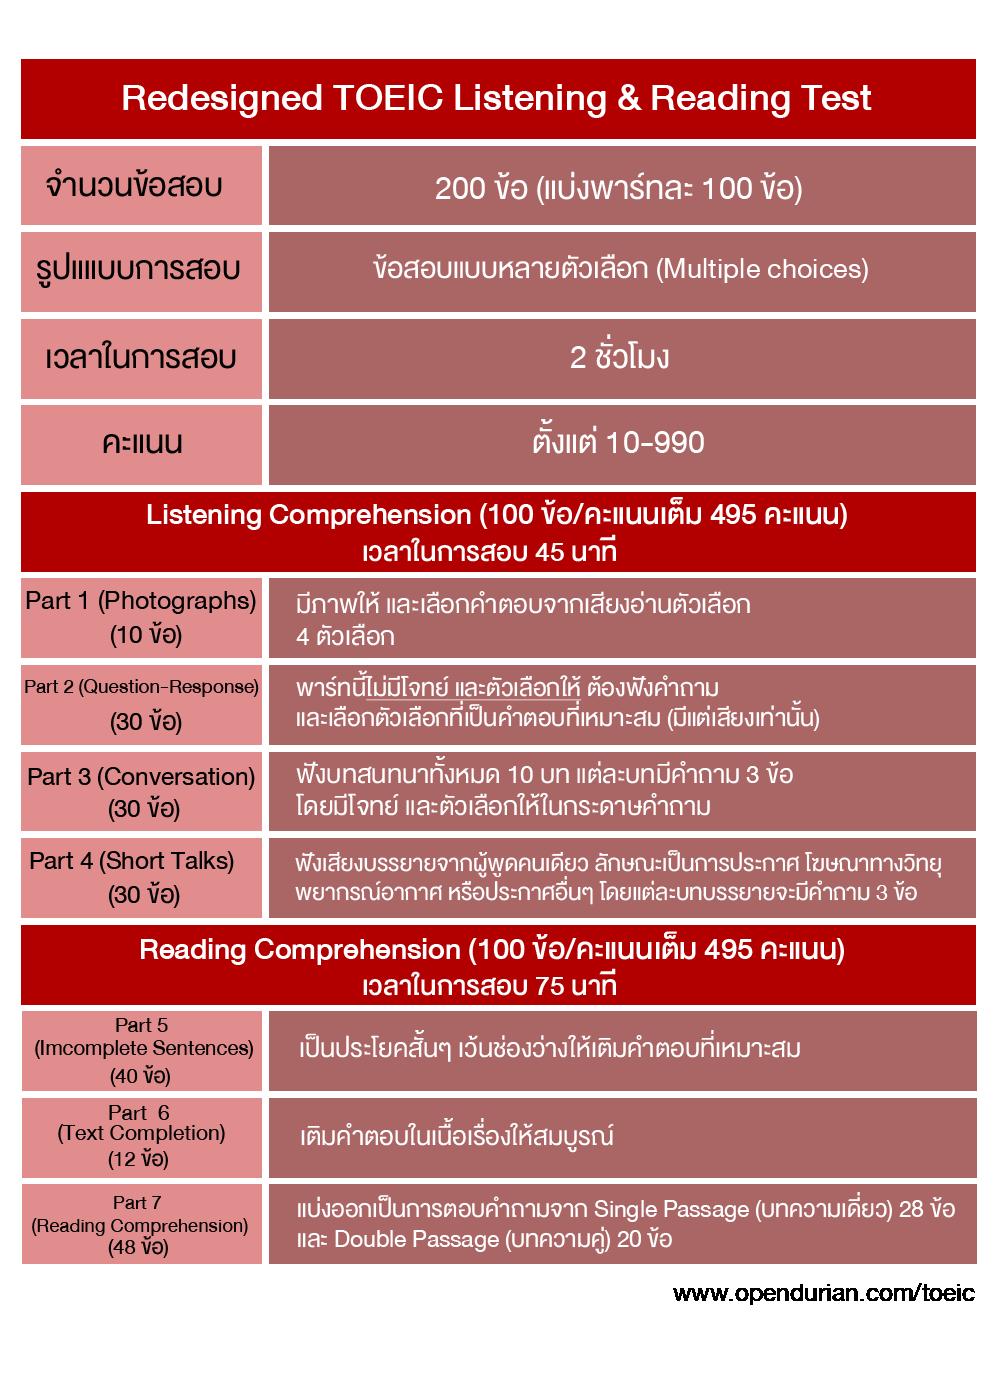 ข้อสอบ TOEIC (Redesigned TOEIC)